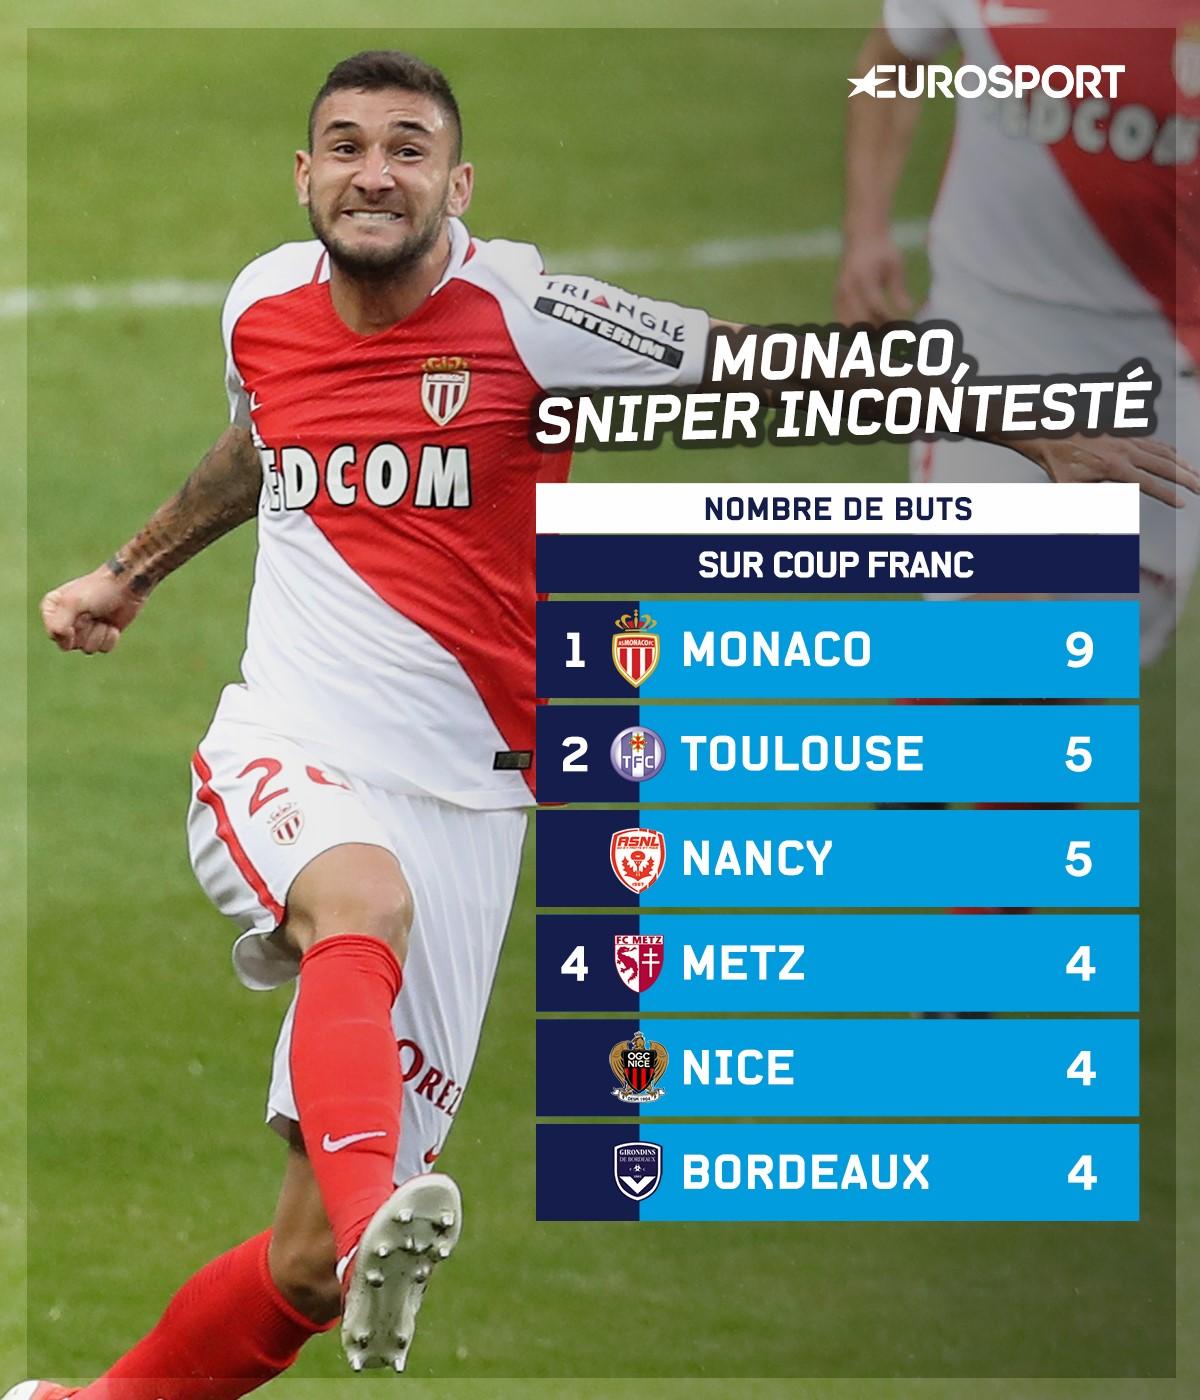 Monaco, sniper sur coup franc